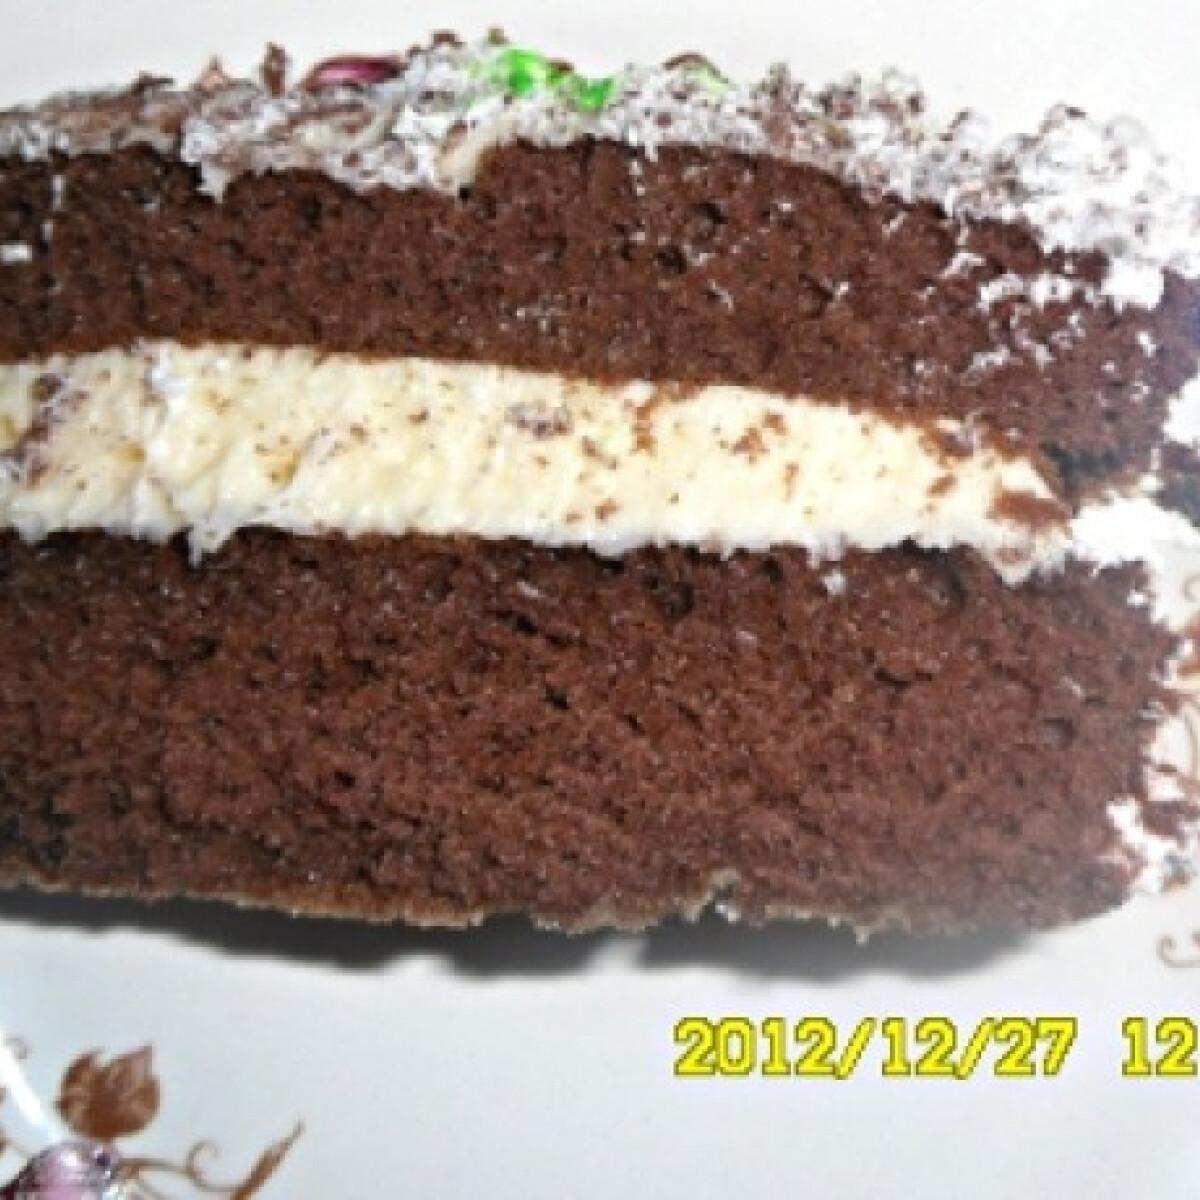 Gyors mascarponés torta Kisvikicától